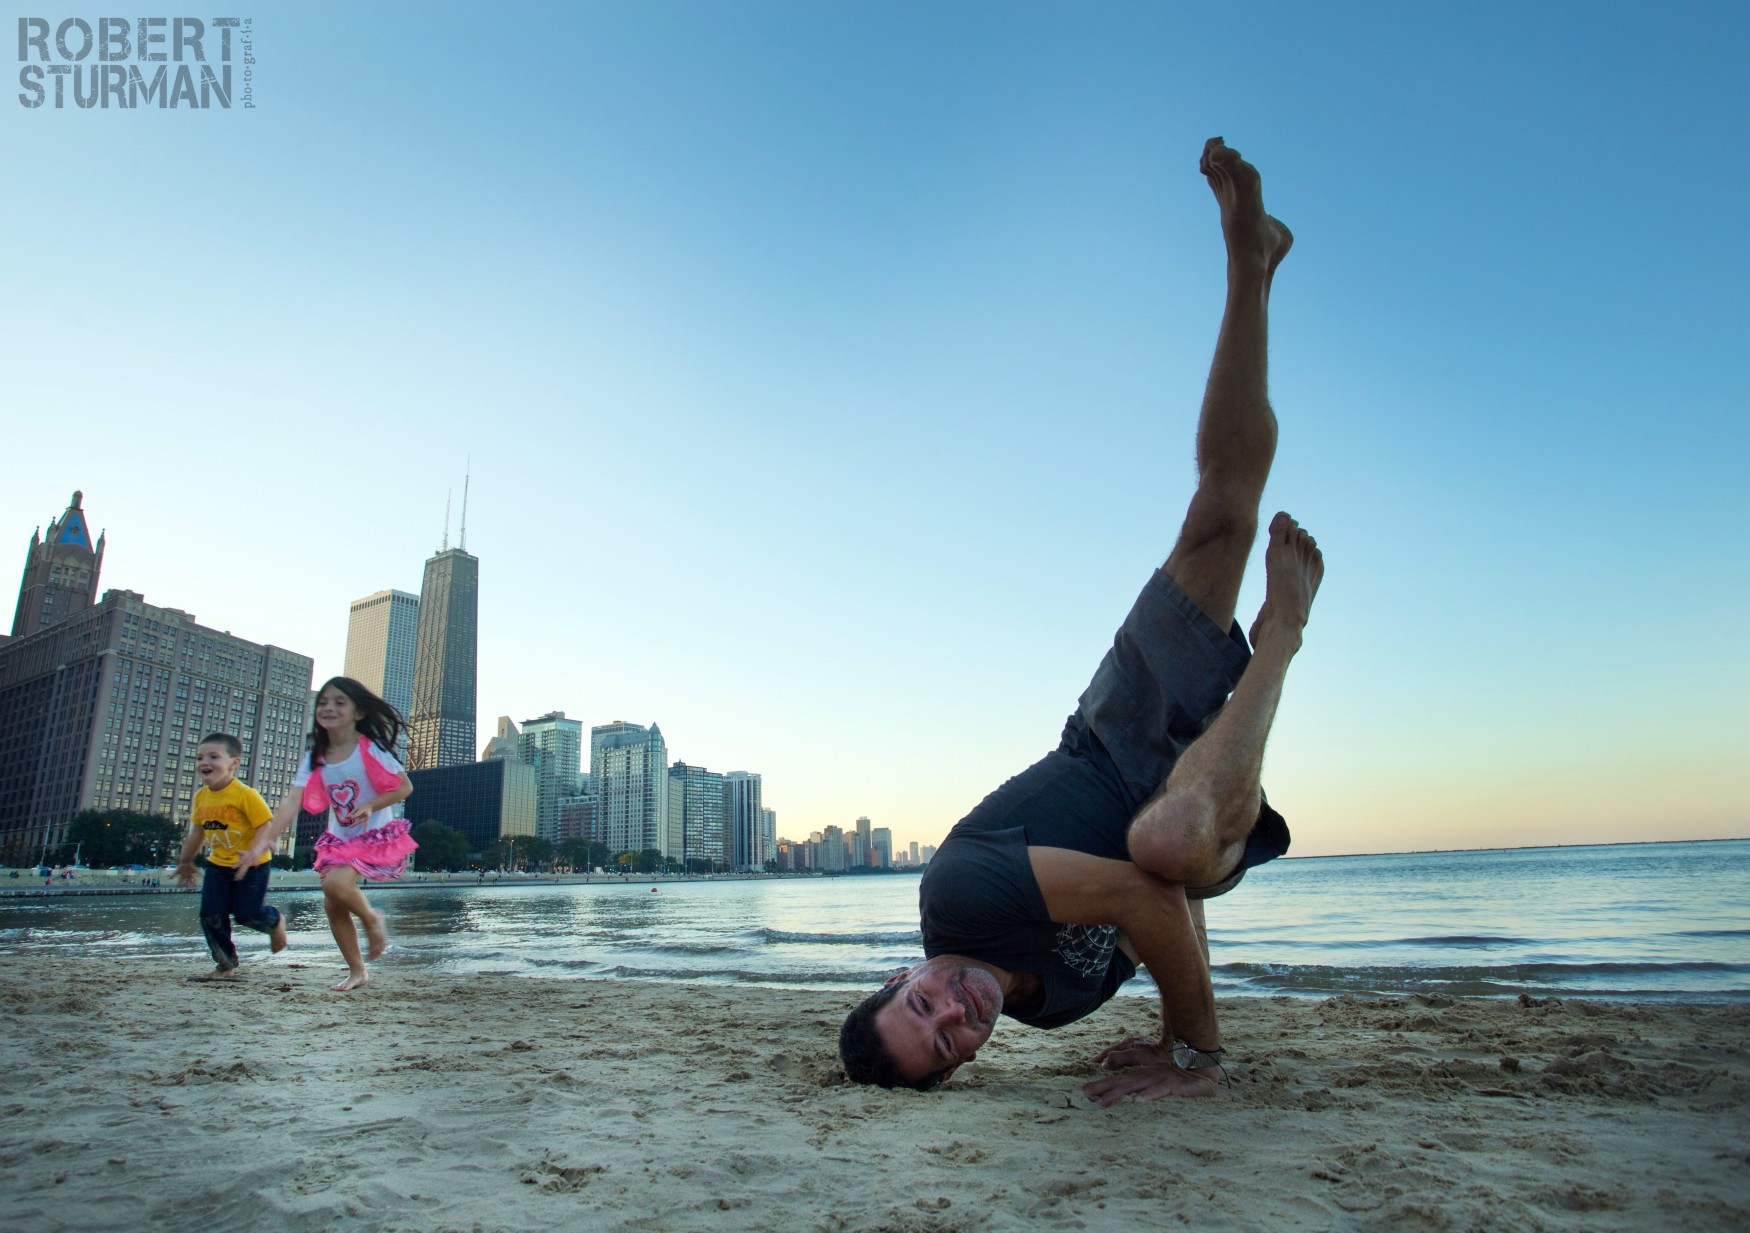 Bernie Yoga http://bernieyogachicago.com